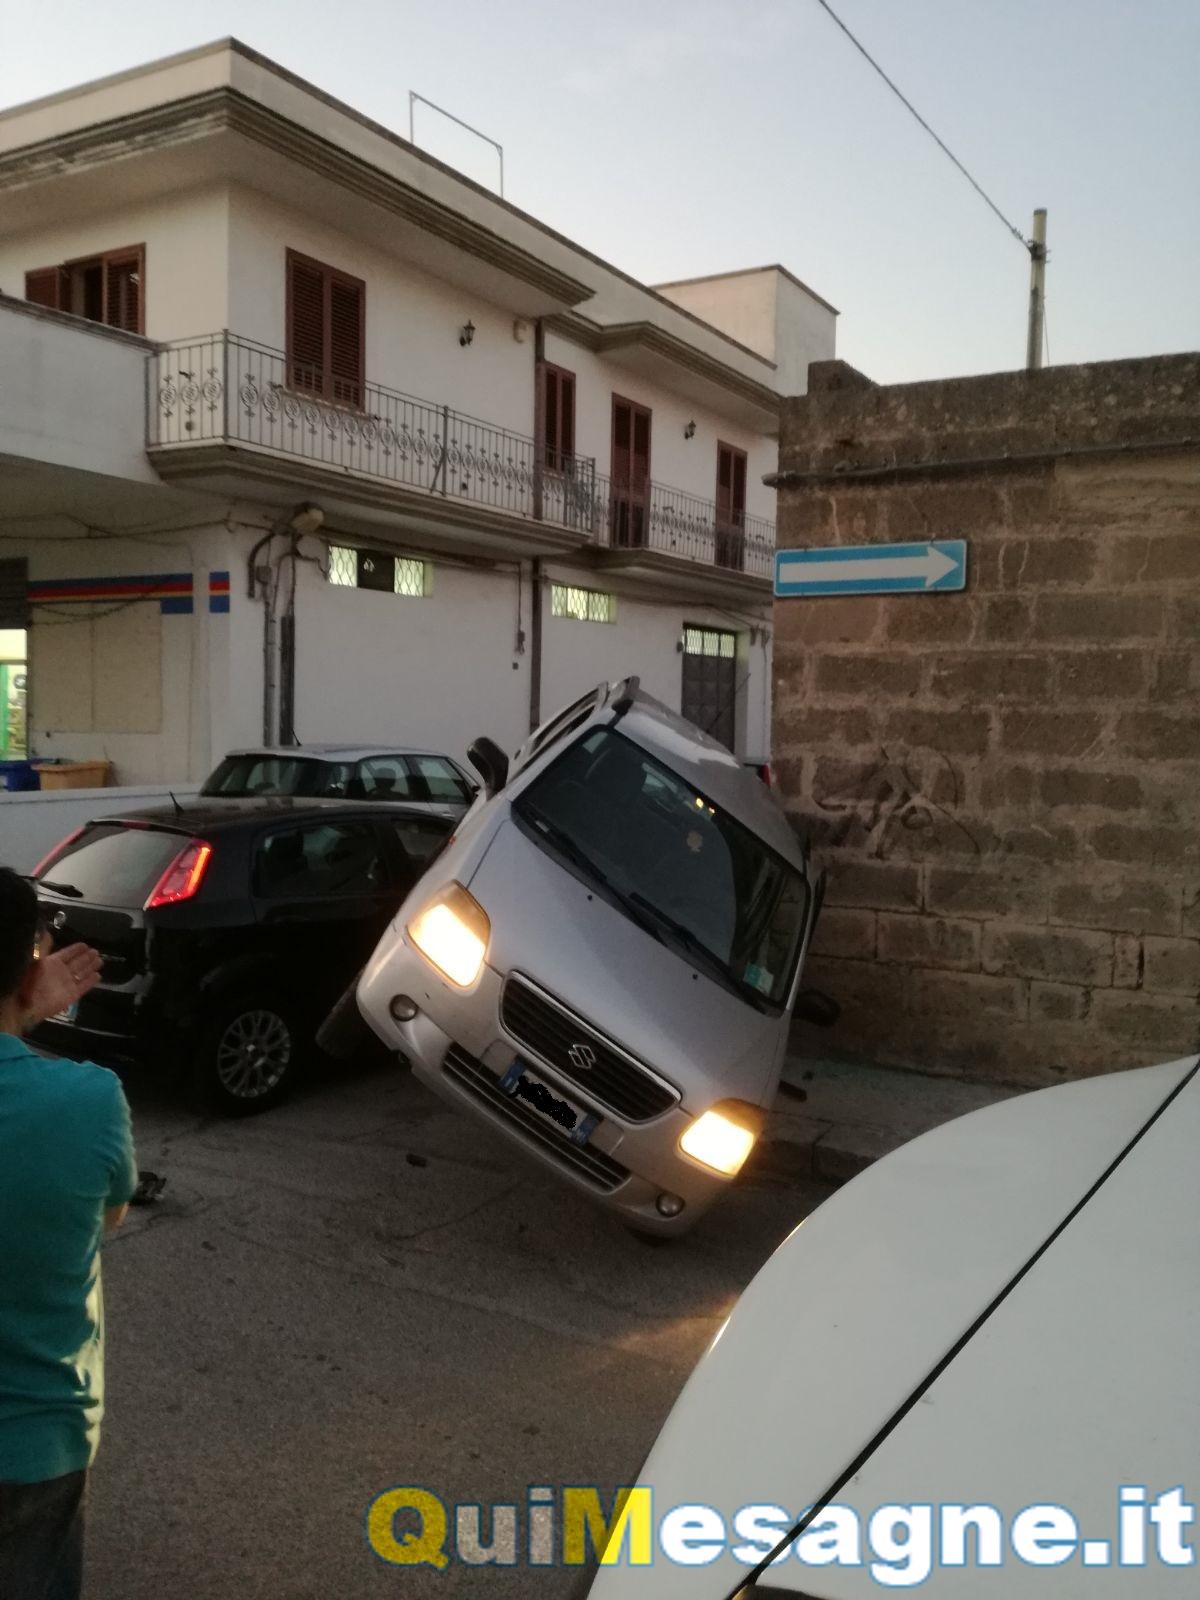 Incidente in via D'Annunzio, auto si ribalta: nessun ferito